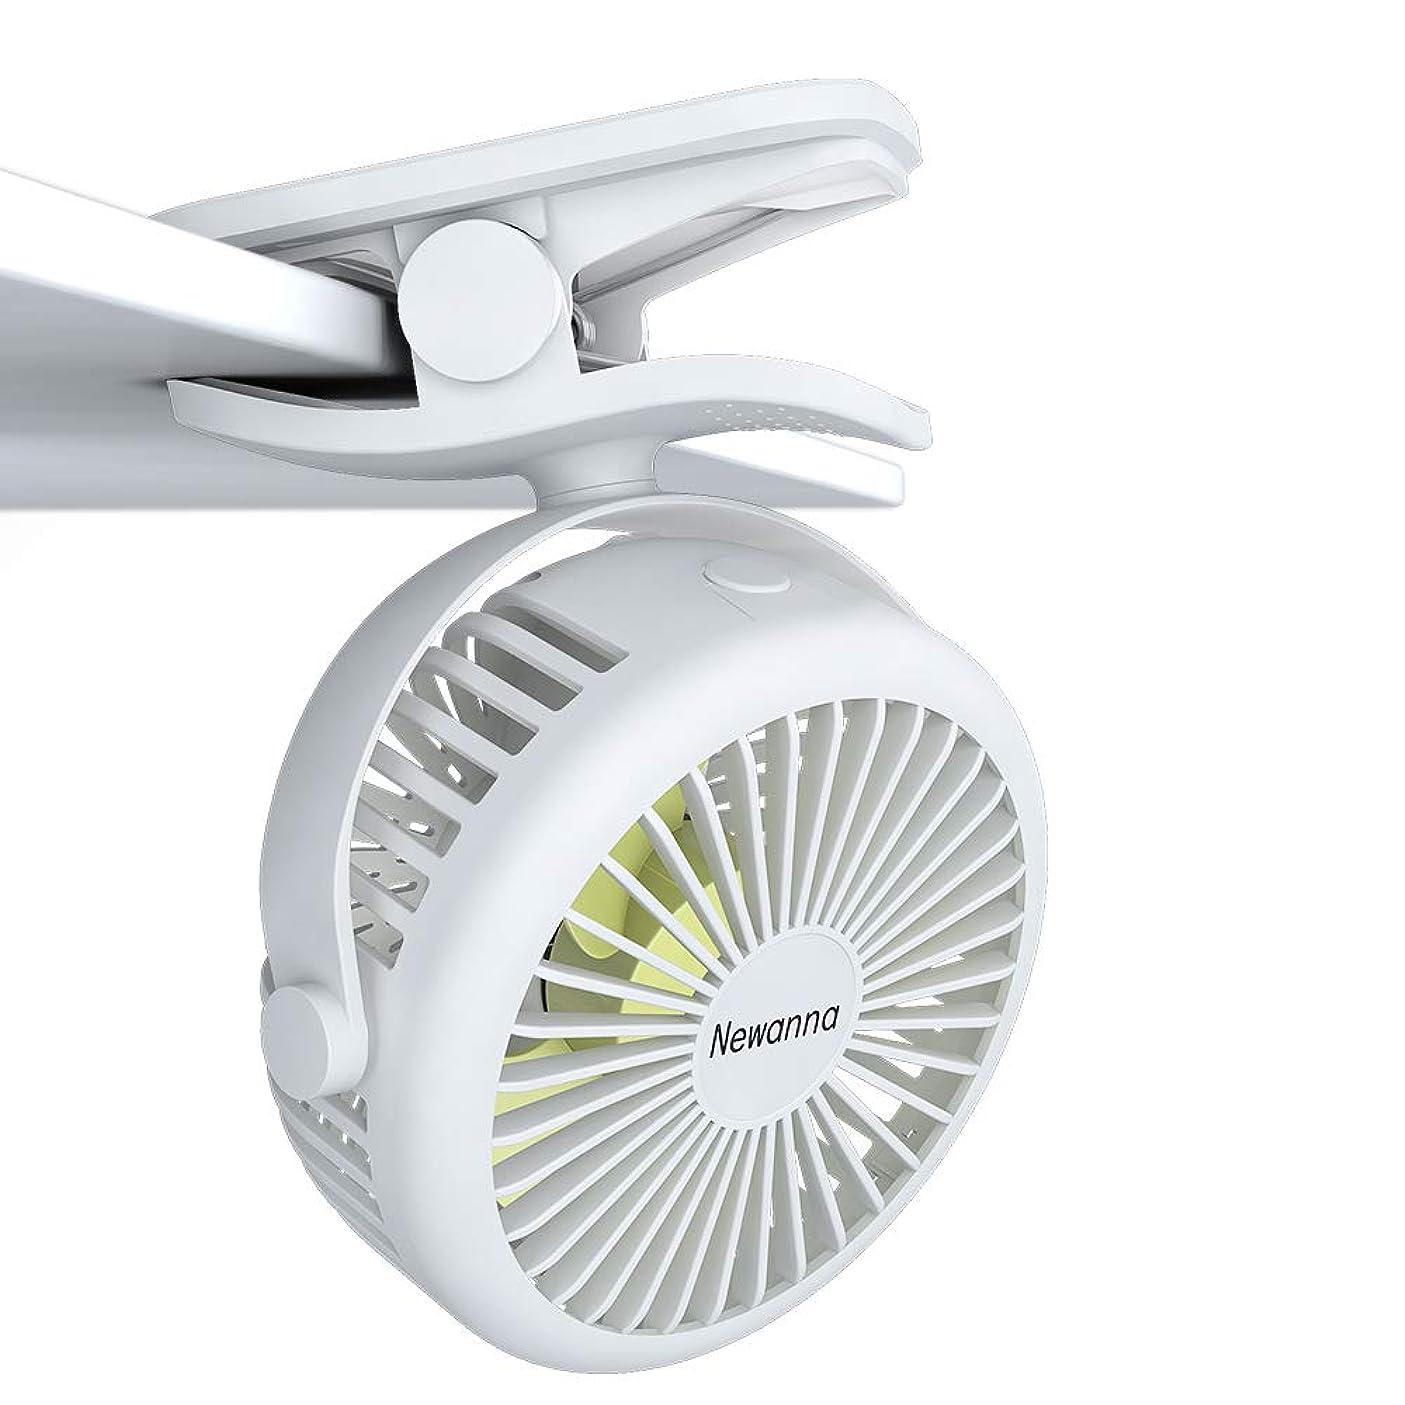 踊り子騒々しいレンズNewanna USB扇風機 小型ファン 充電クリップ式卓上扇風機 携帯 両用 扇風機 ミニ 首振り 静音 720°角度調整 3枚羽根 2200mAh ベビーカー12時間連続使用(ホワイト)